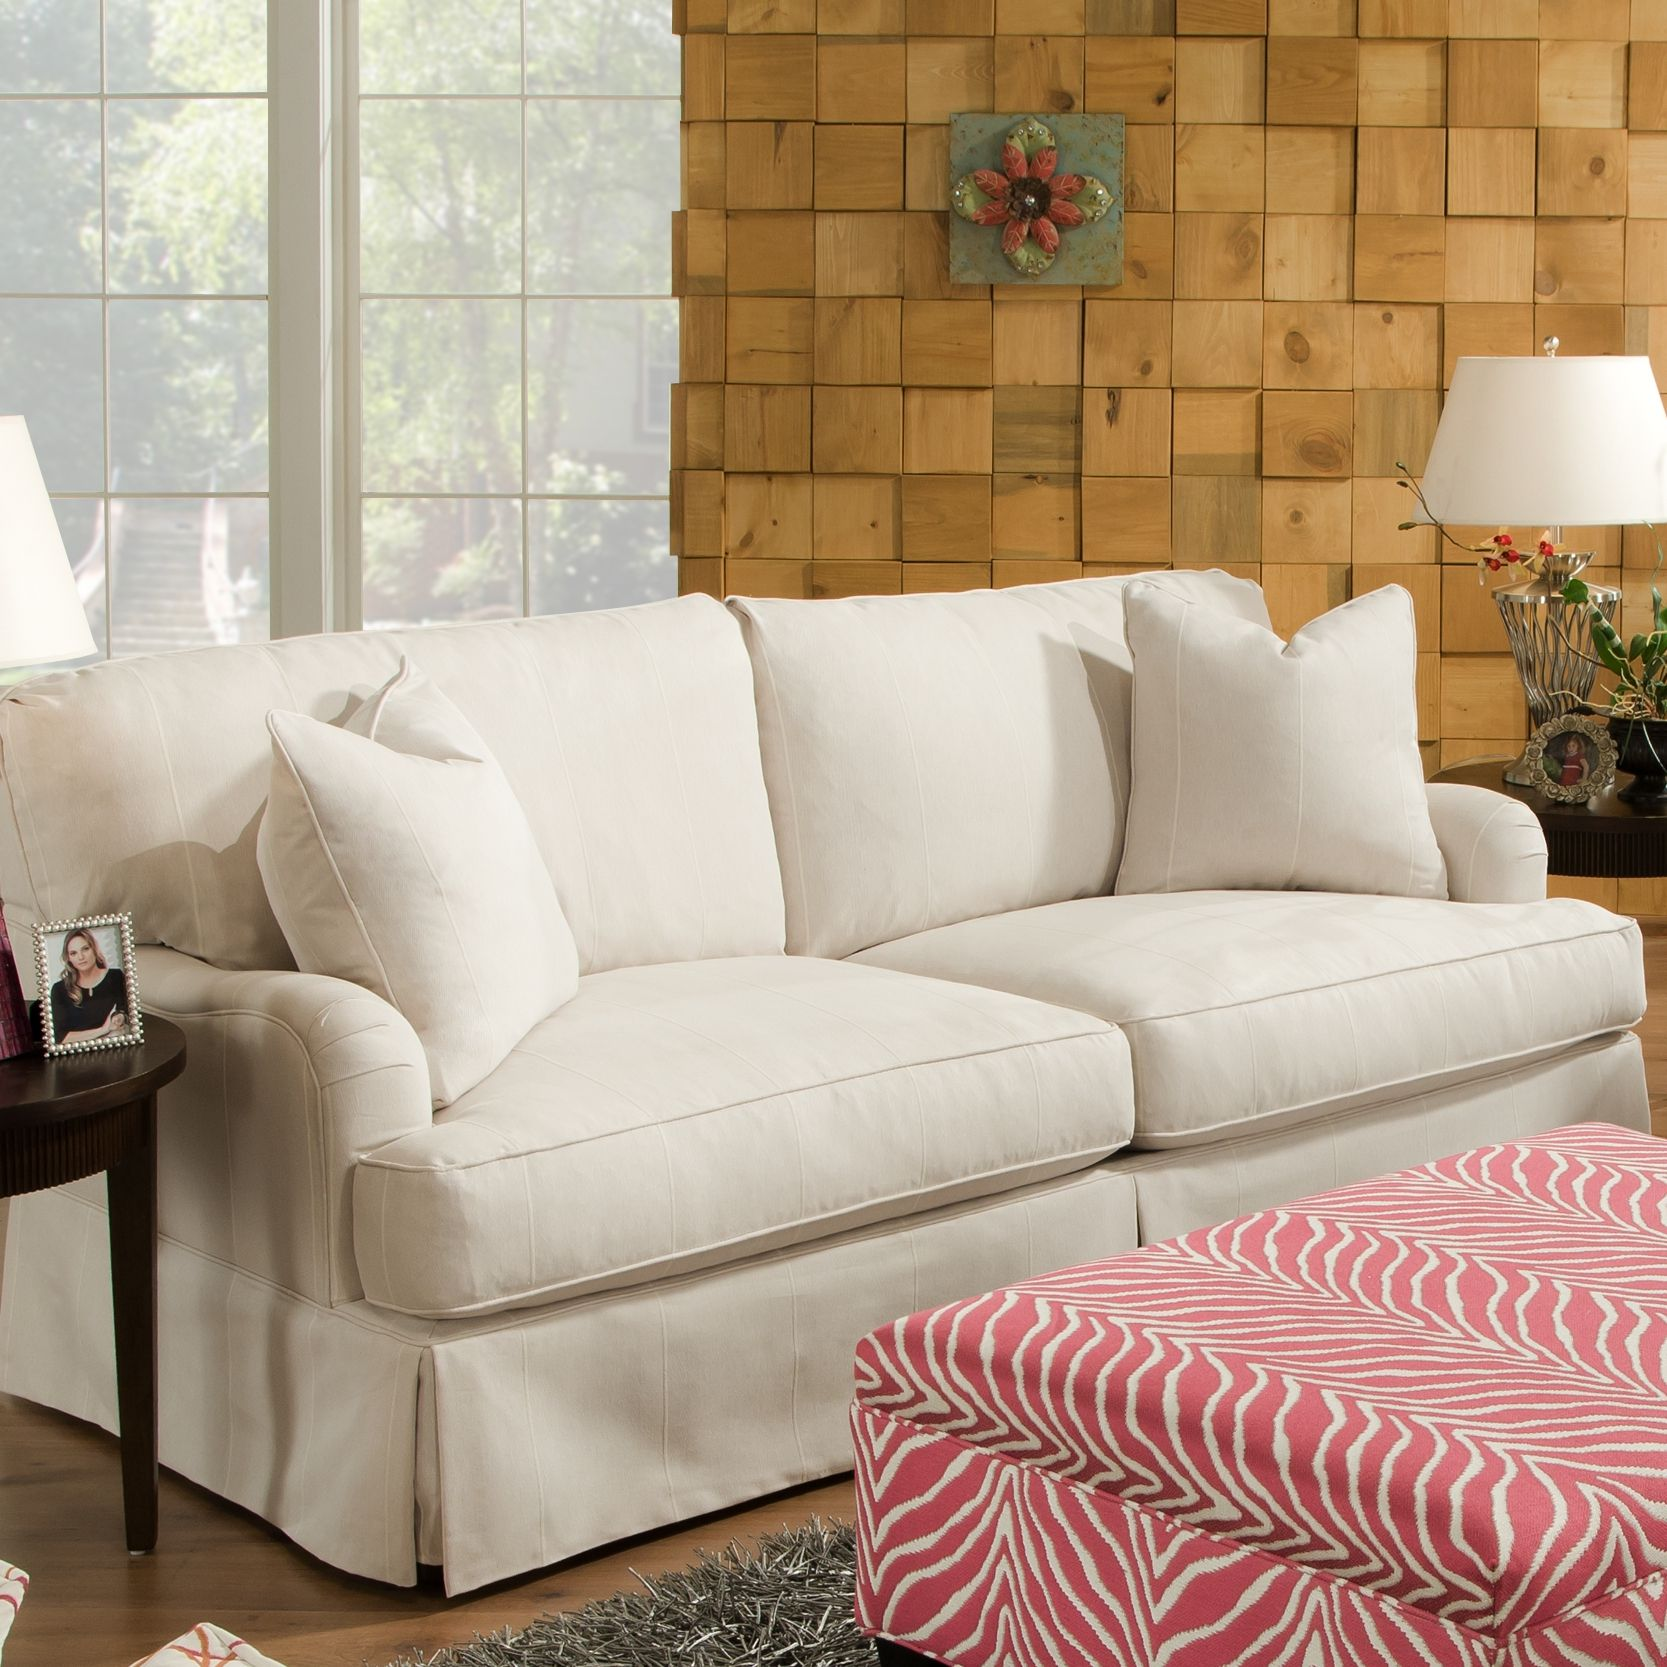 Bauhaus USA Campbell Fabric Sofa Home decor, Home decor